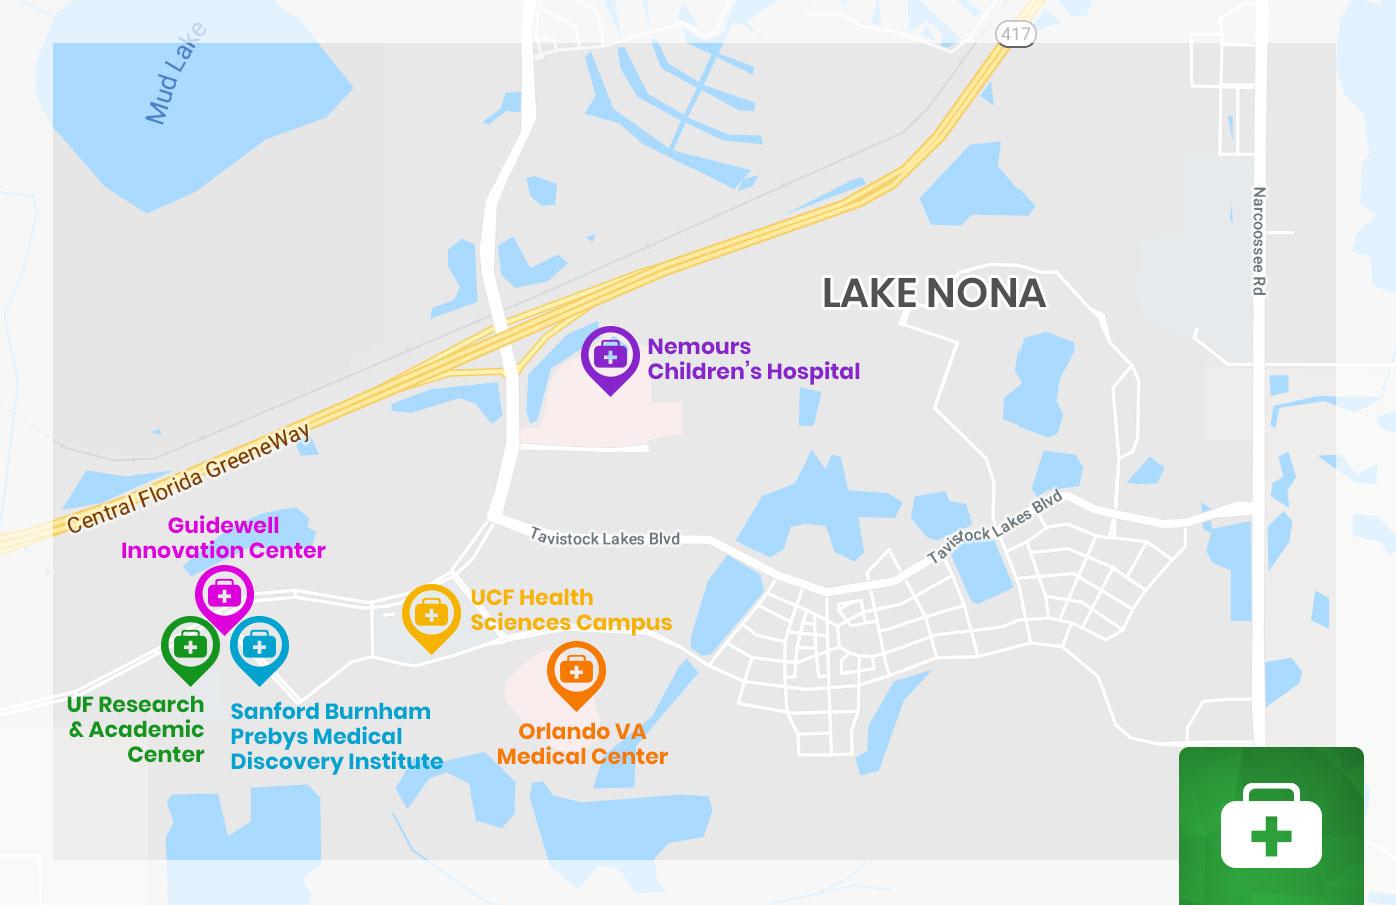 Lake-Nona-Medical-City-Map   Orlando New Home Experts - Lake Nona Florida Map